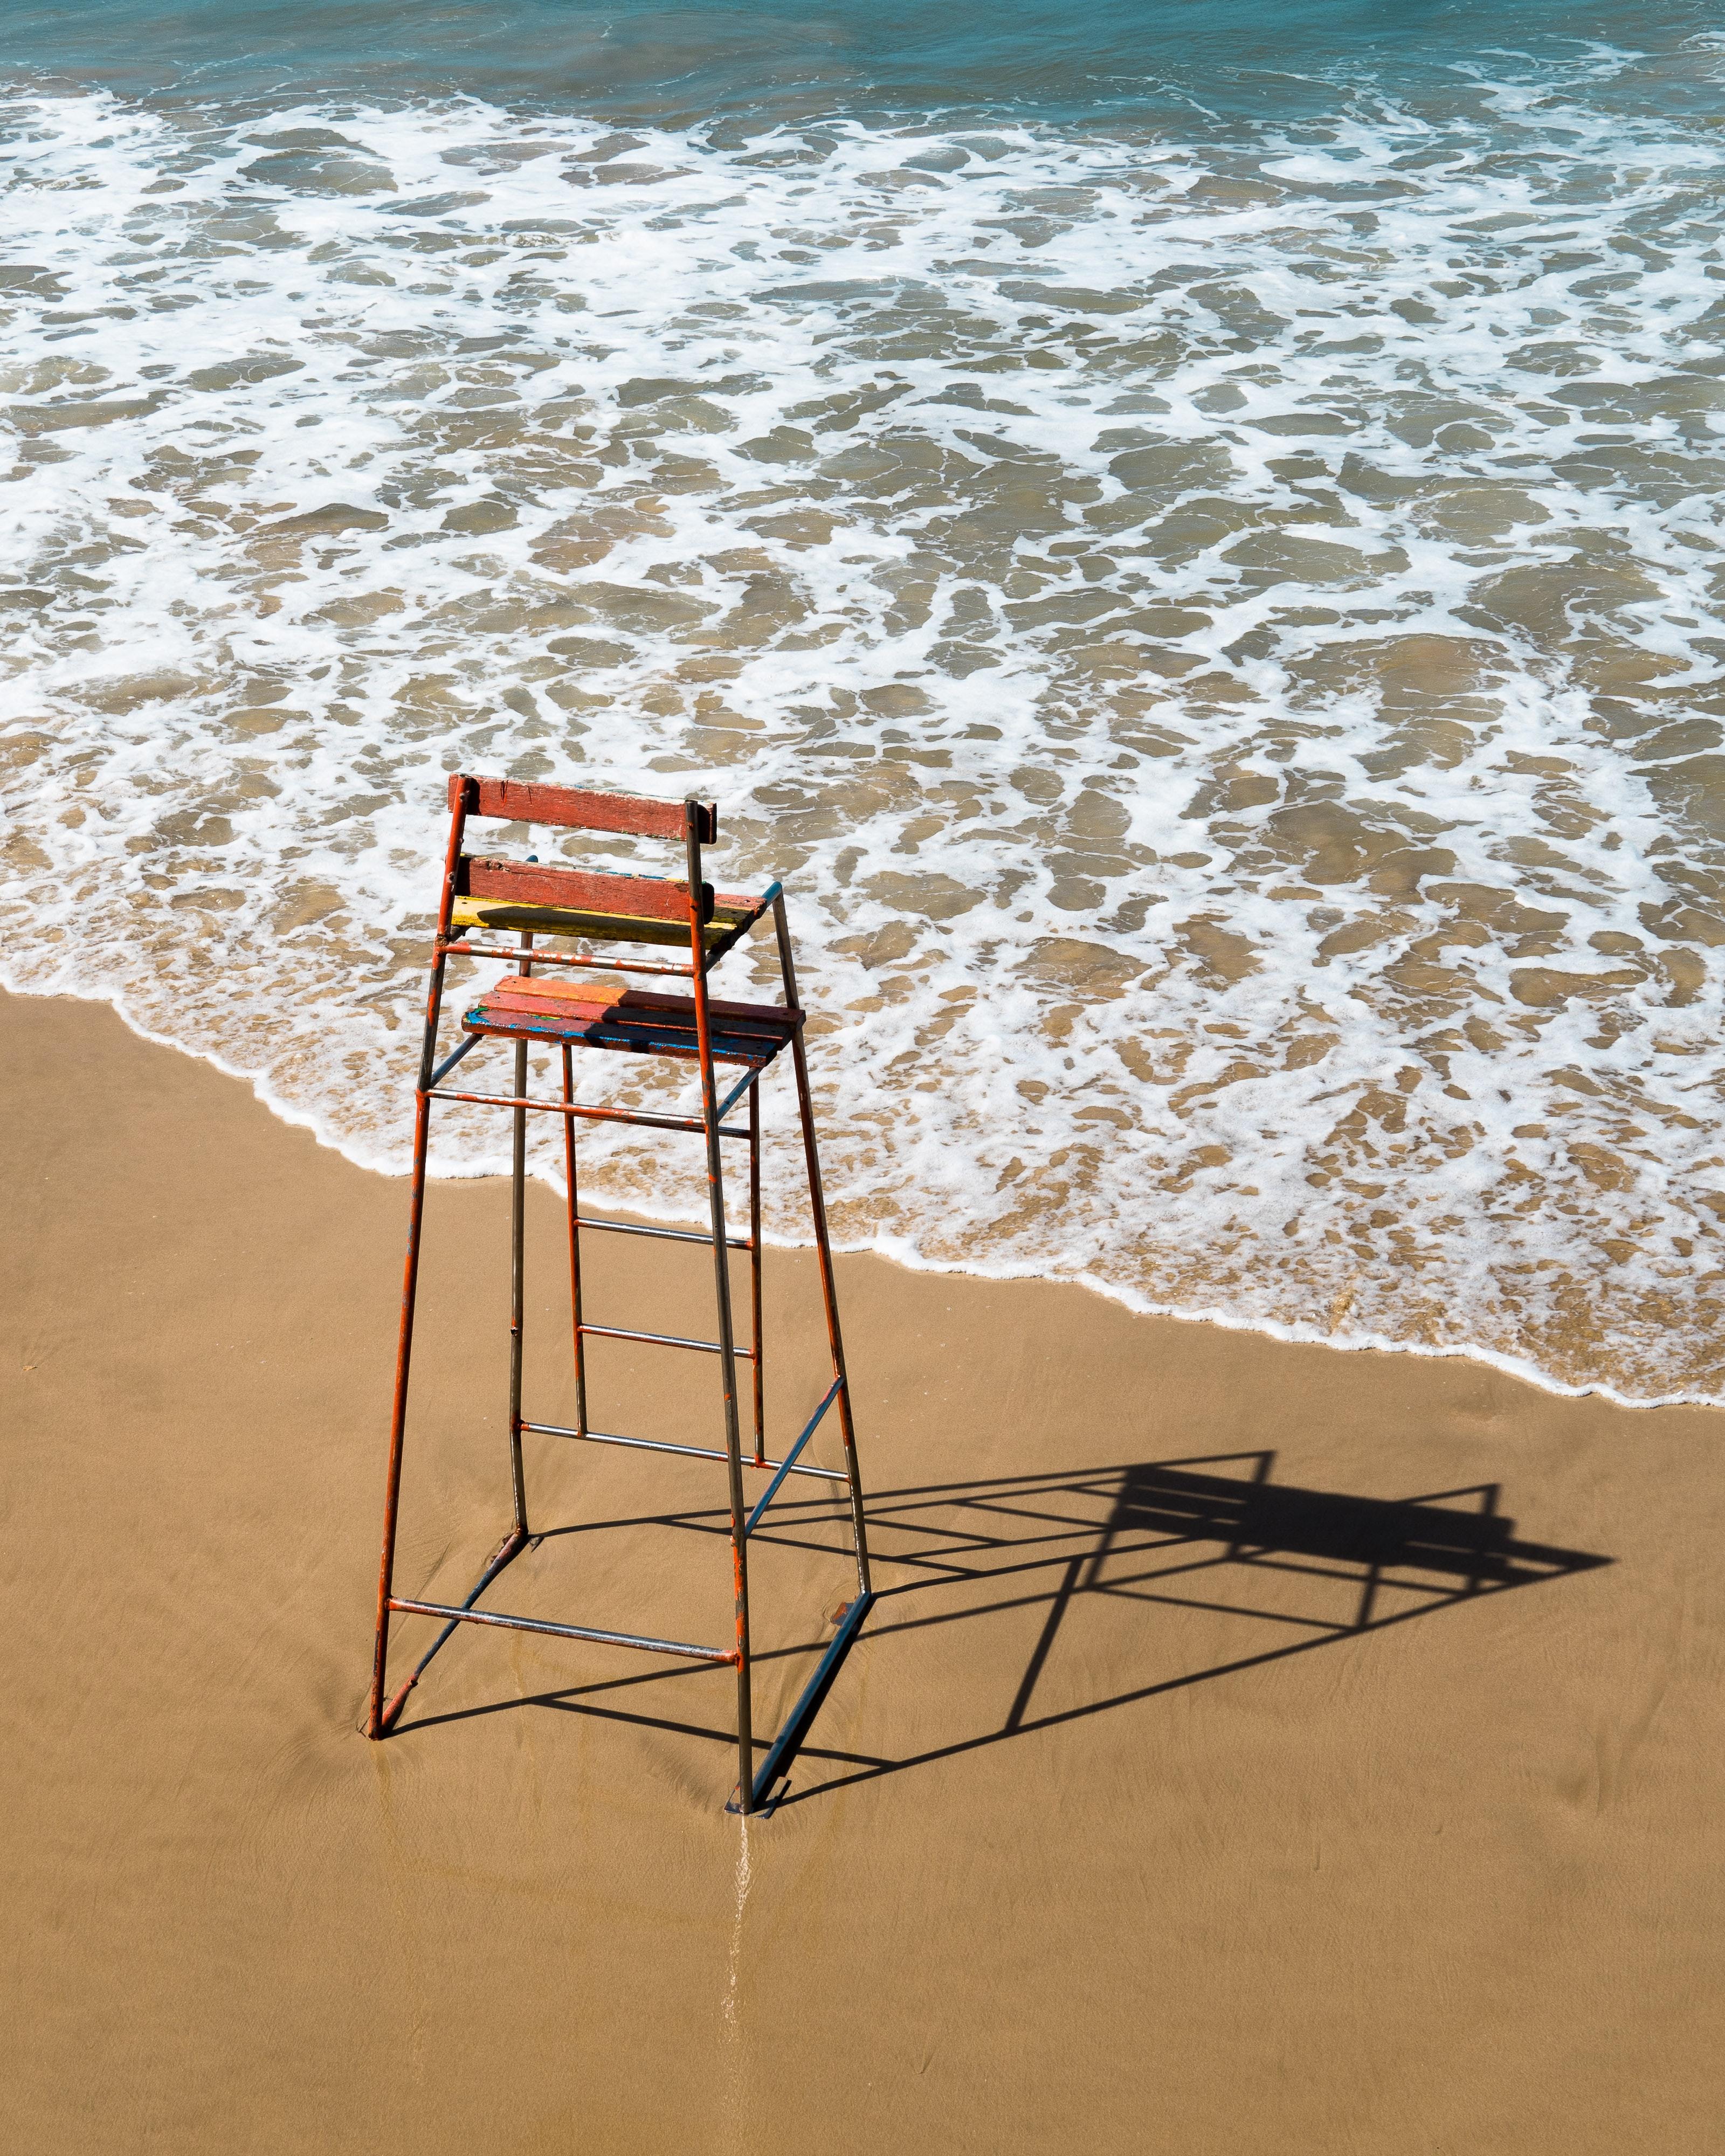 70581 скачать обои Вода, Море, Пляж, Песок, Разное, Стул - заставки и картинки бесплатно